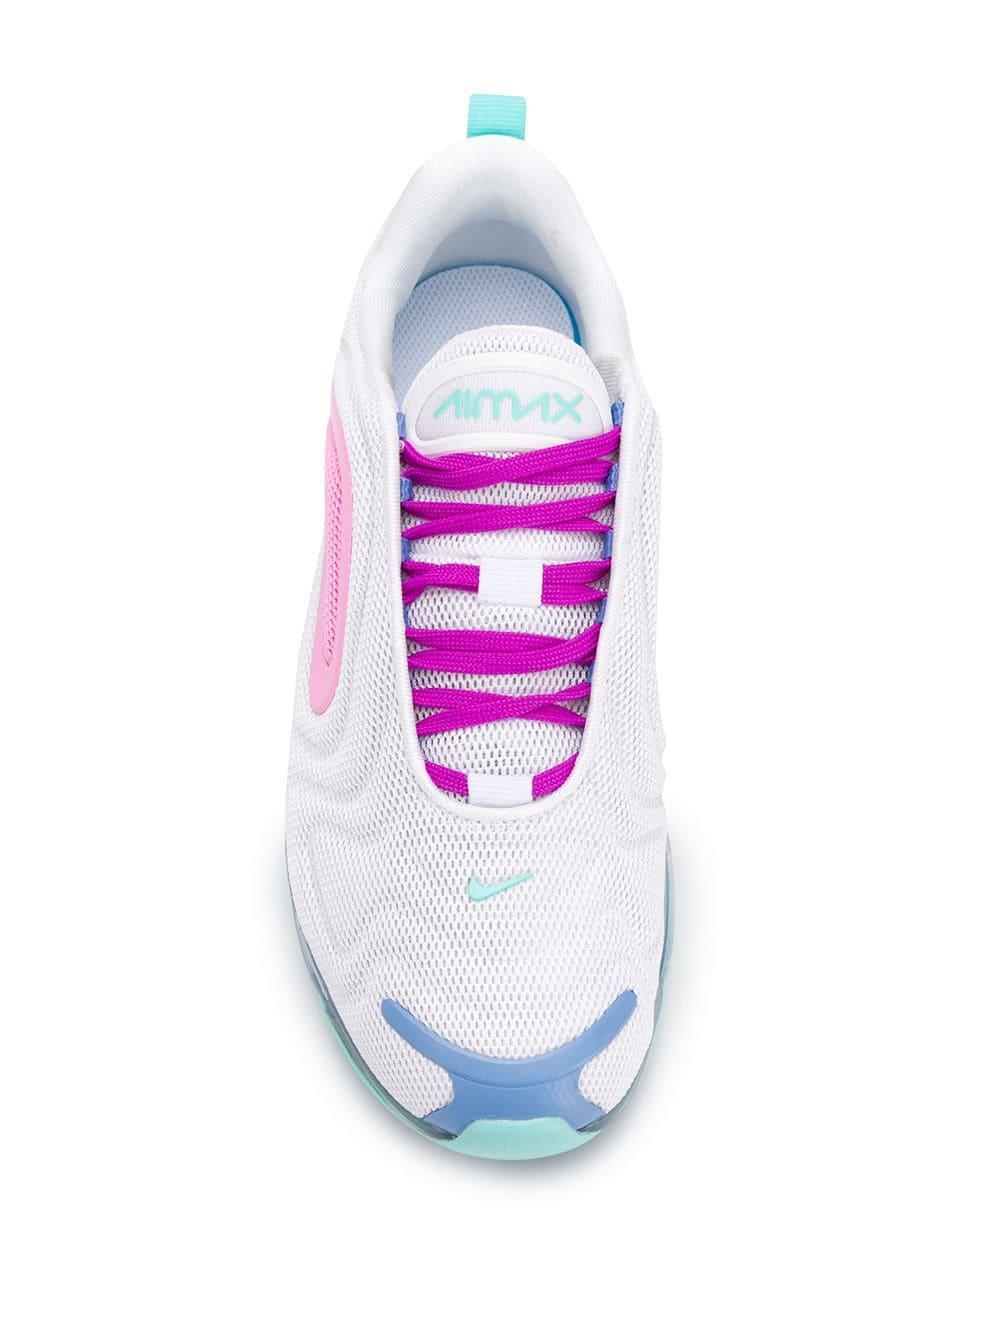 Zapatillas Air Max 720 Nike de Cuero de color Blanco